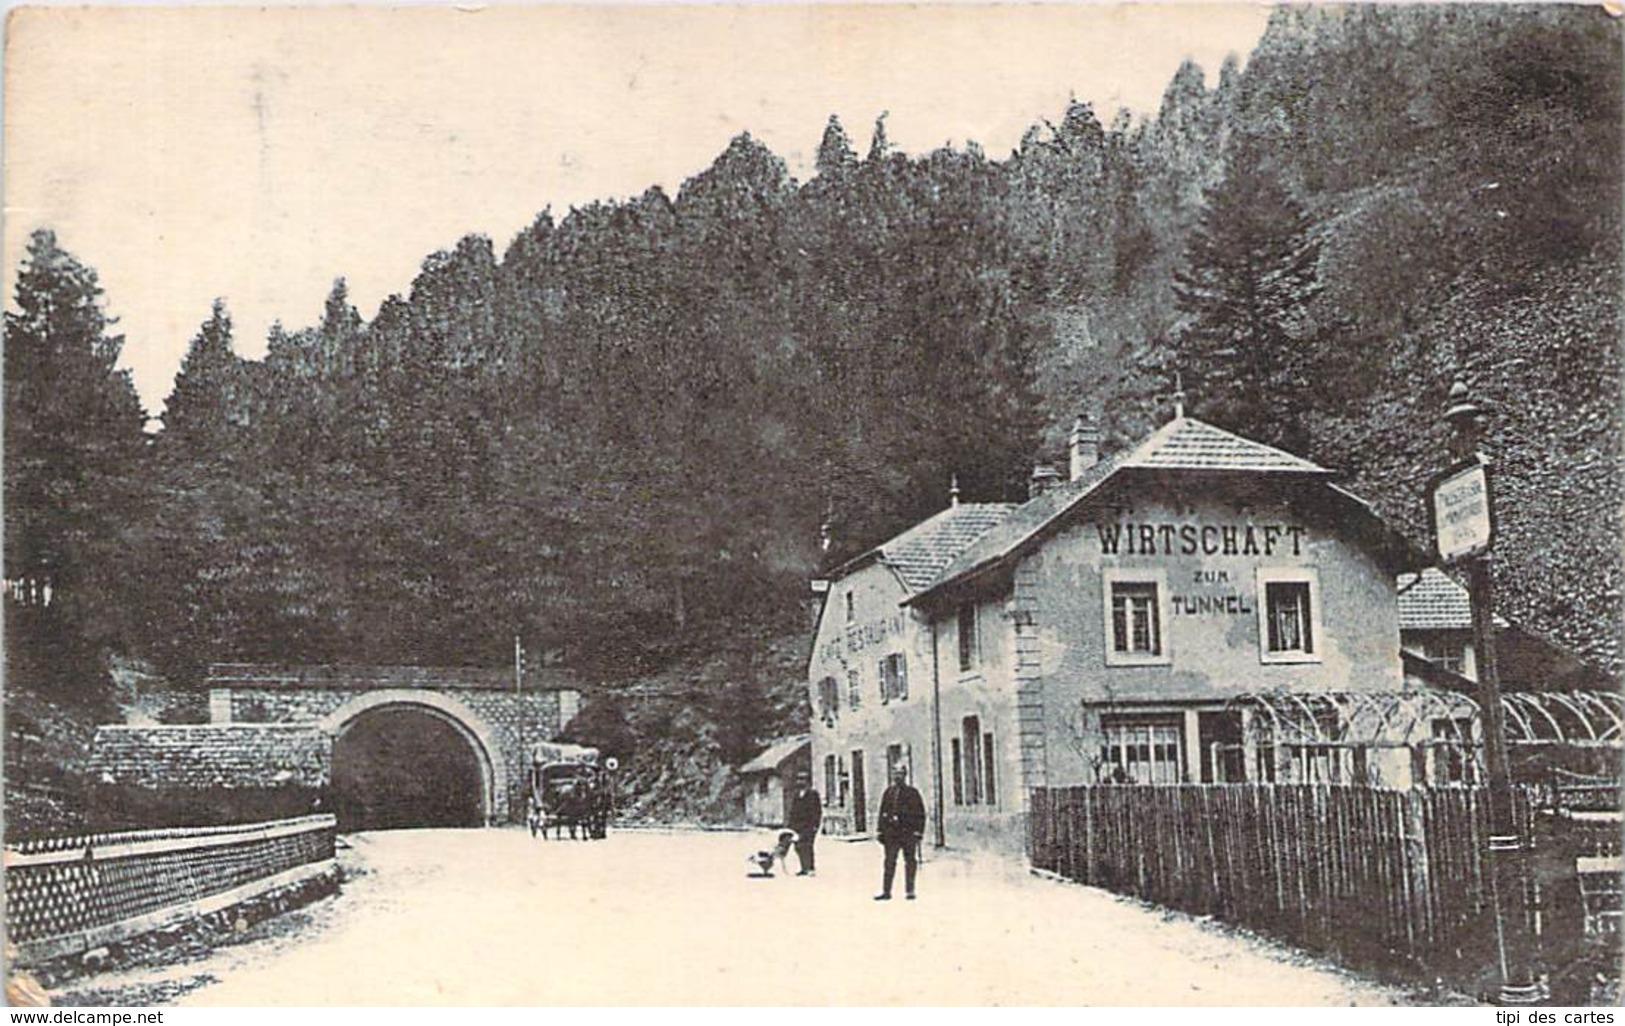 88 - Bussang - Entrée Du Tunnel (Sans Légende) (Wirtschaft Zum Tunnel, Café Restaurant) - Bussang